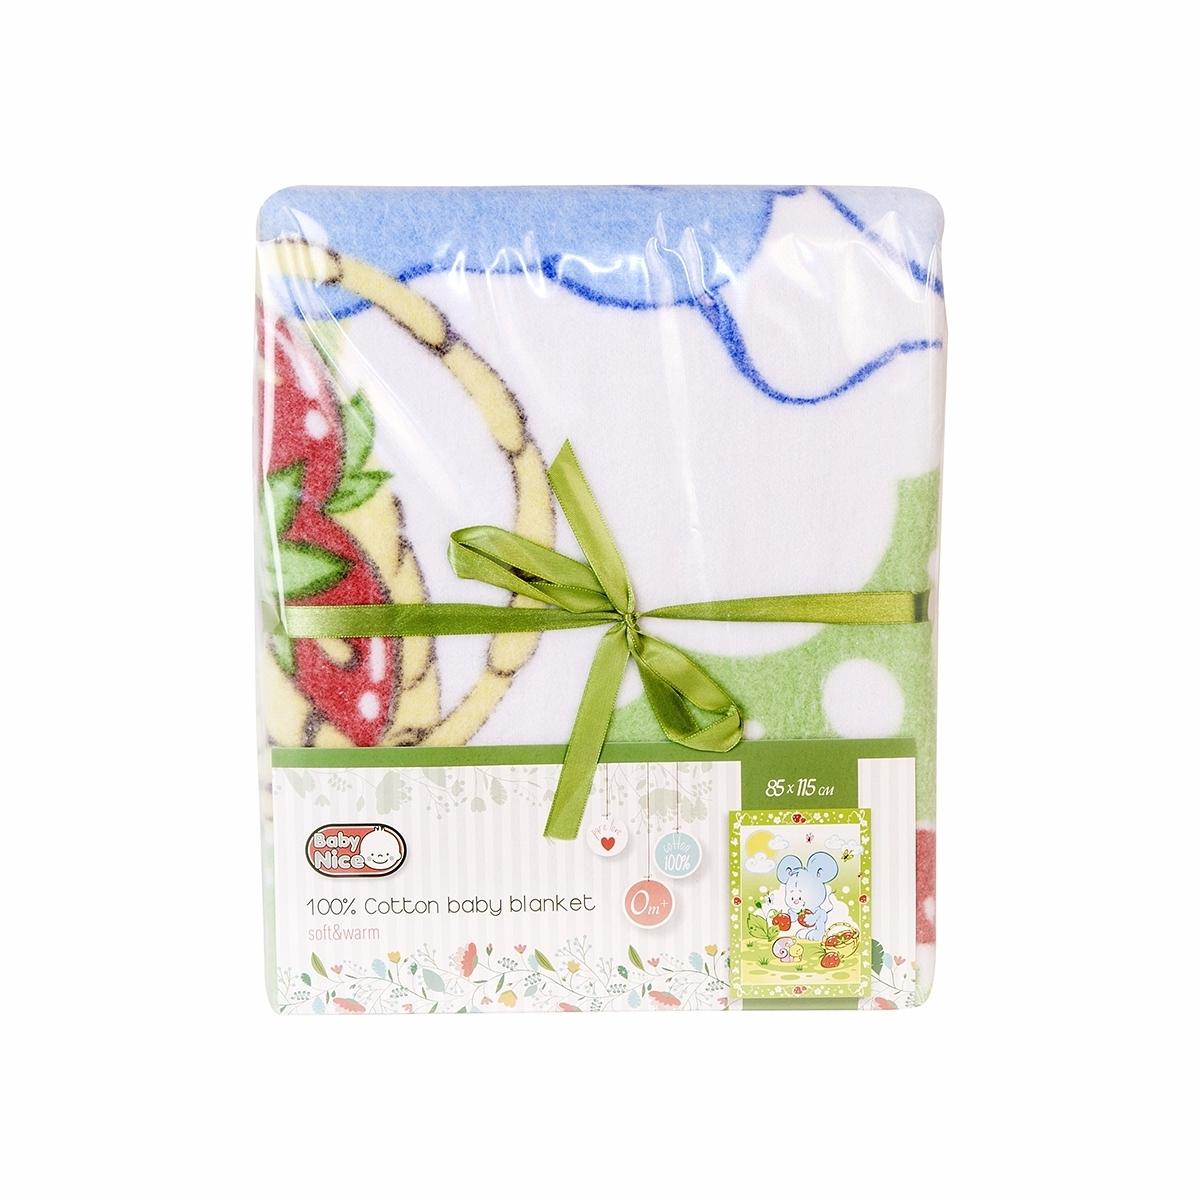 Одеяло Baby Nice байковое 100% хлопок 85х115 Земляничная поляна (голубой, розовый, зеленый) (Baby nice)